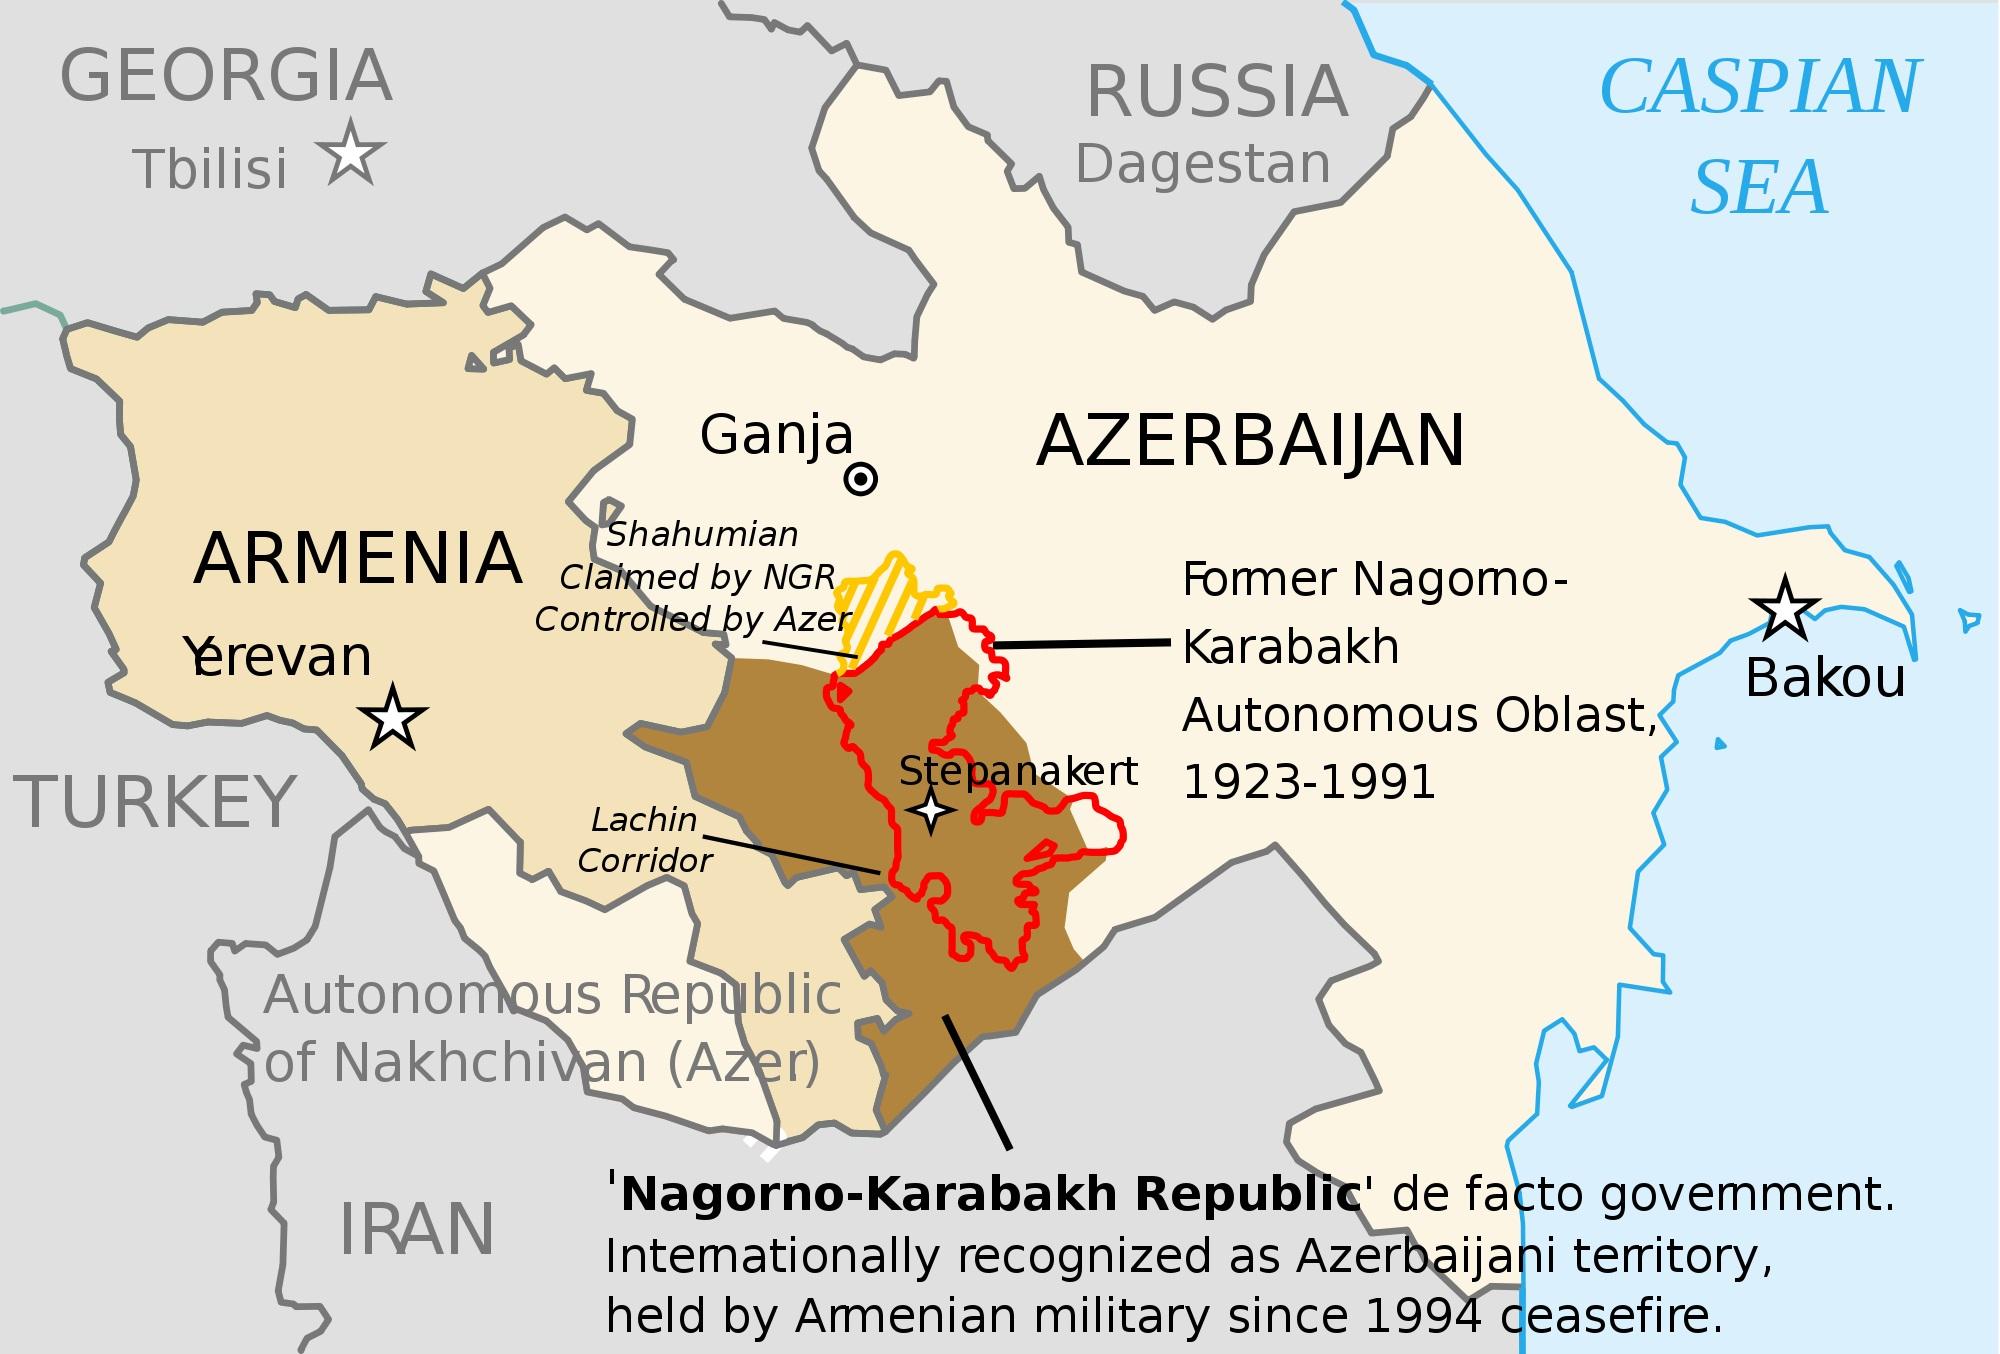 LM.GEOPOL - Armenia II nag karabakh   (2017 09 18) ENGL 2